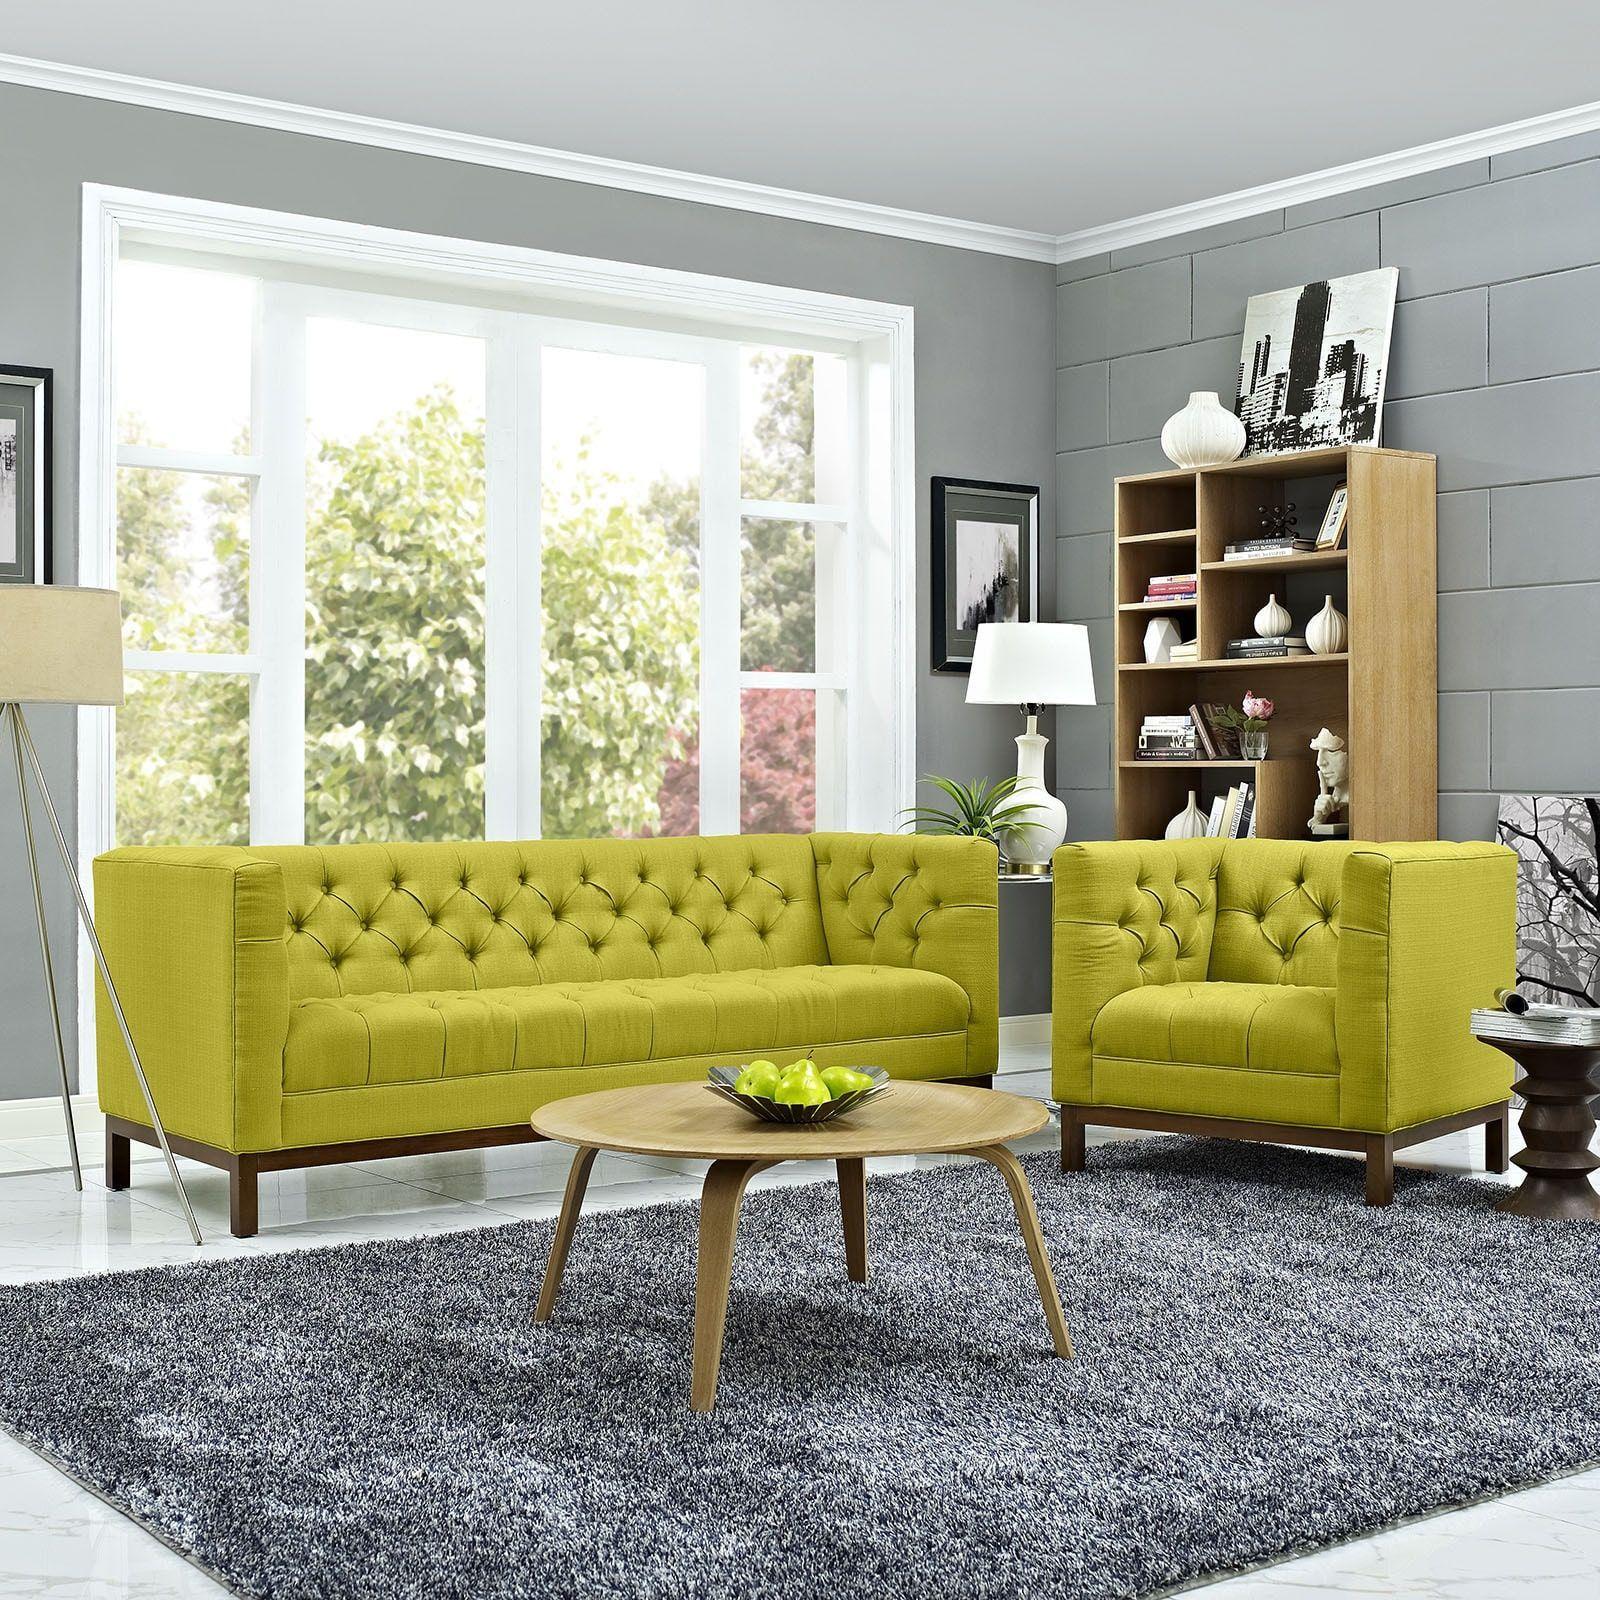 Online Shopping Bedding Furniture Electronics Jewelry Clothing More Set Ruang Keluarga Dekorasi Ruang Keluarga Kamar Dekor